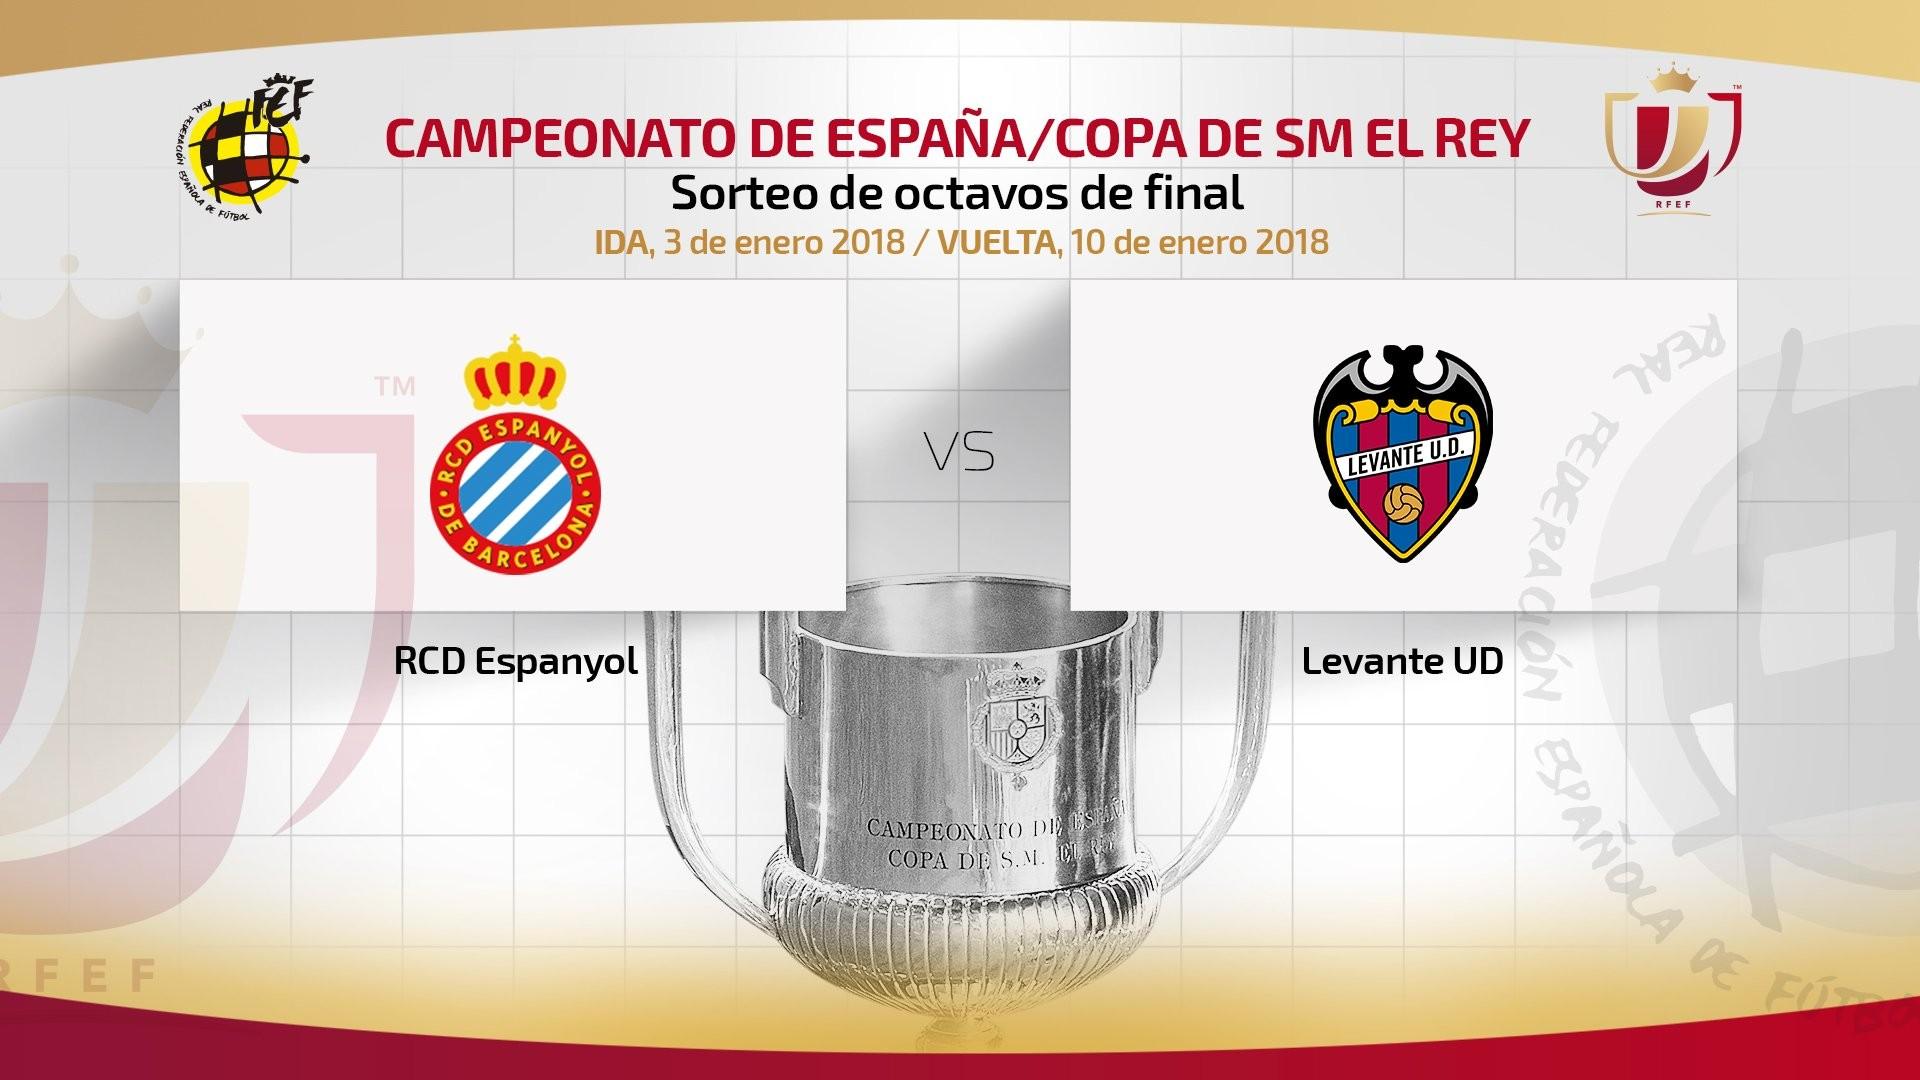 国王杯16强对阵出炉,西班牙人对手是莱万特 -